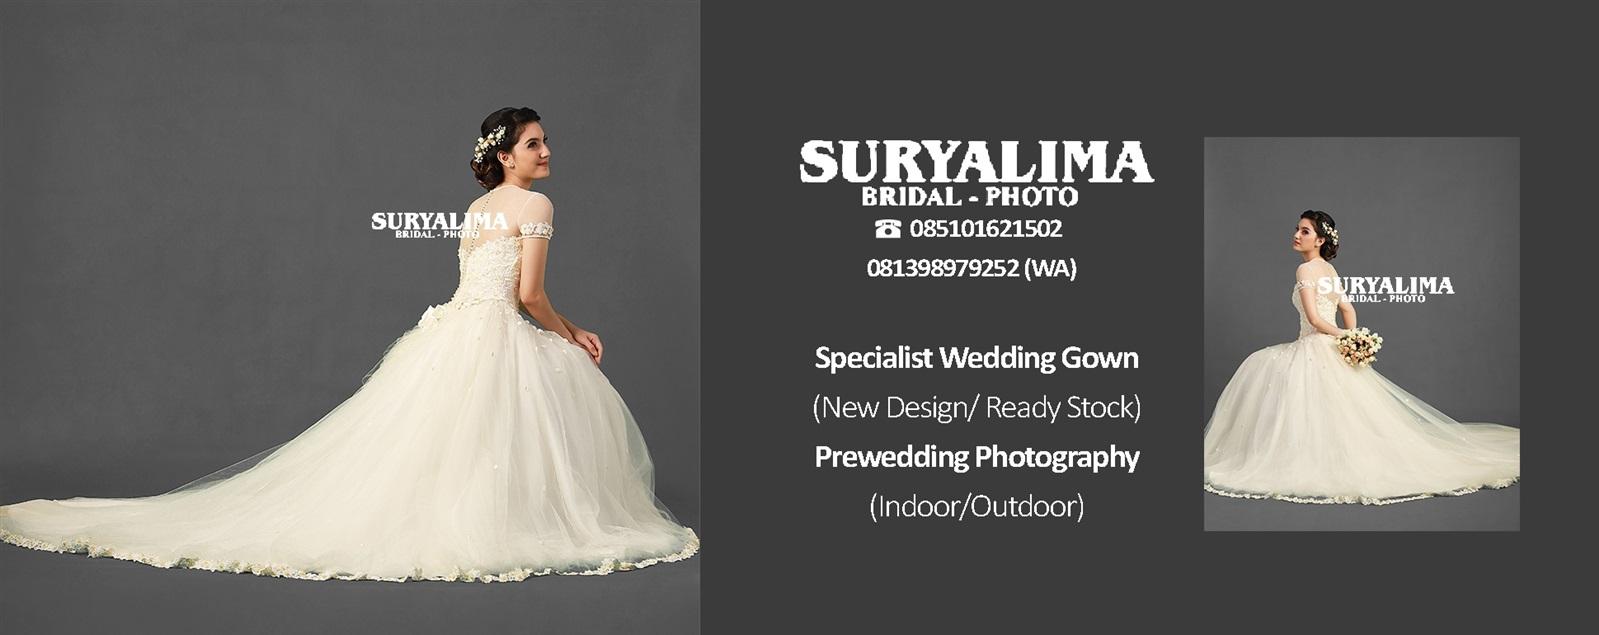 Suryalima Bridal Photo